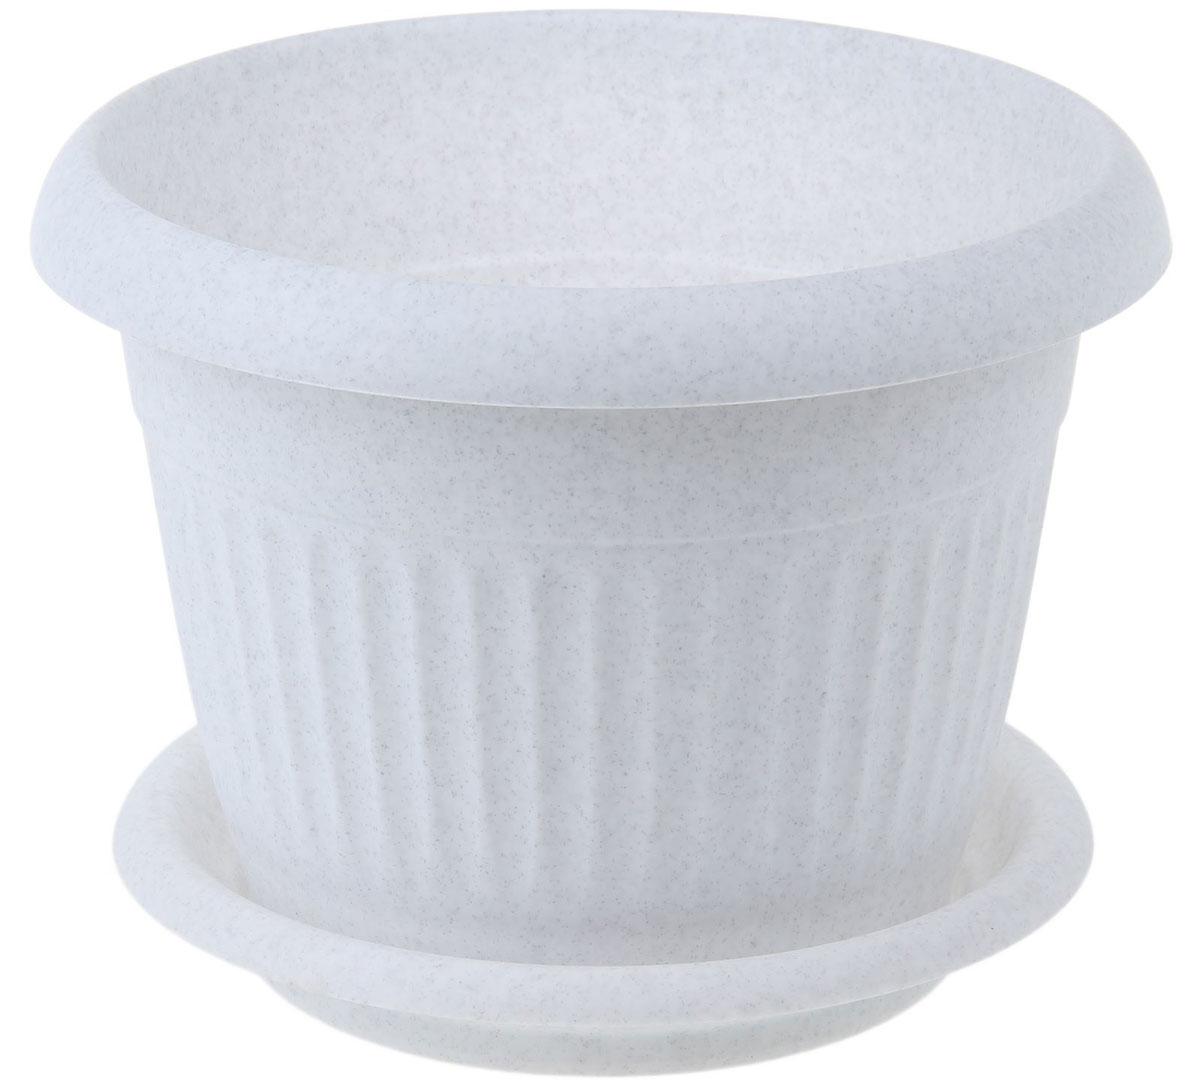 Кашпо Idea Ливия, с поддоном, цвет: мраморный, 600 млING1801ТЗЛКашпо Idea Ливия изготовлено из прочного полипропилена (пластика) и предназначено для выращивания растений, цветов и трав в домашних условиях. Круглый поддон обеспечивает сток воды. Такое кашпо порадует вас функциональностью, а благодаря лаконичному дизайну впишется в любой интерьер помещения. Диаметр кашпо по верхнему краю: 12 см. Объем кашпо: 600 мл.